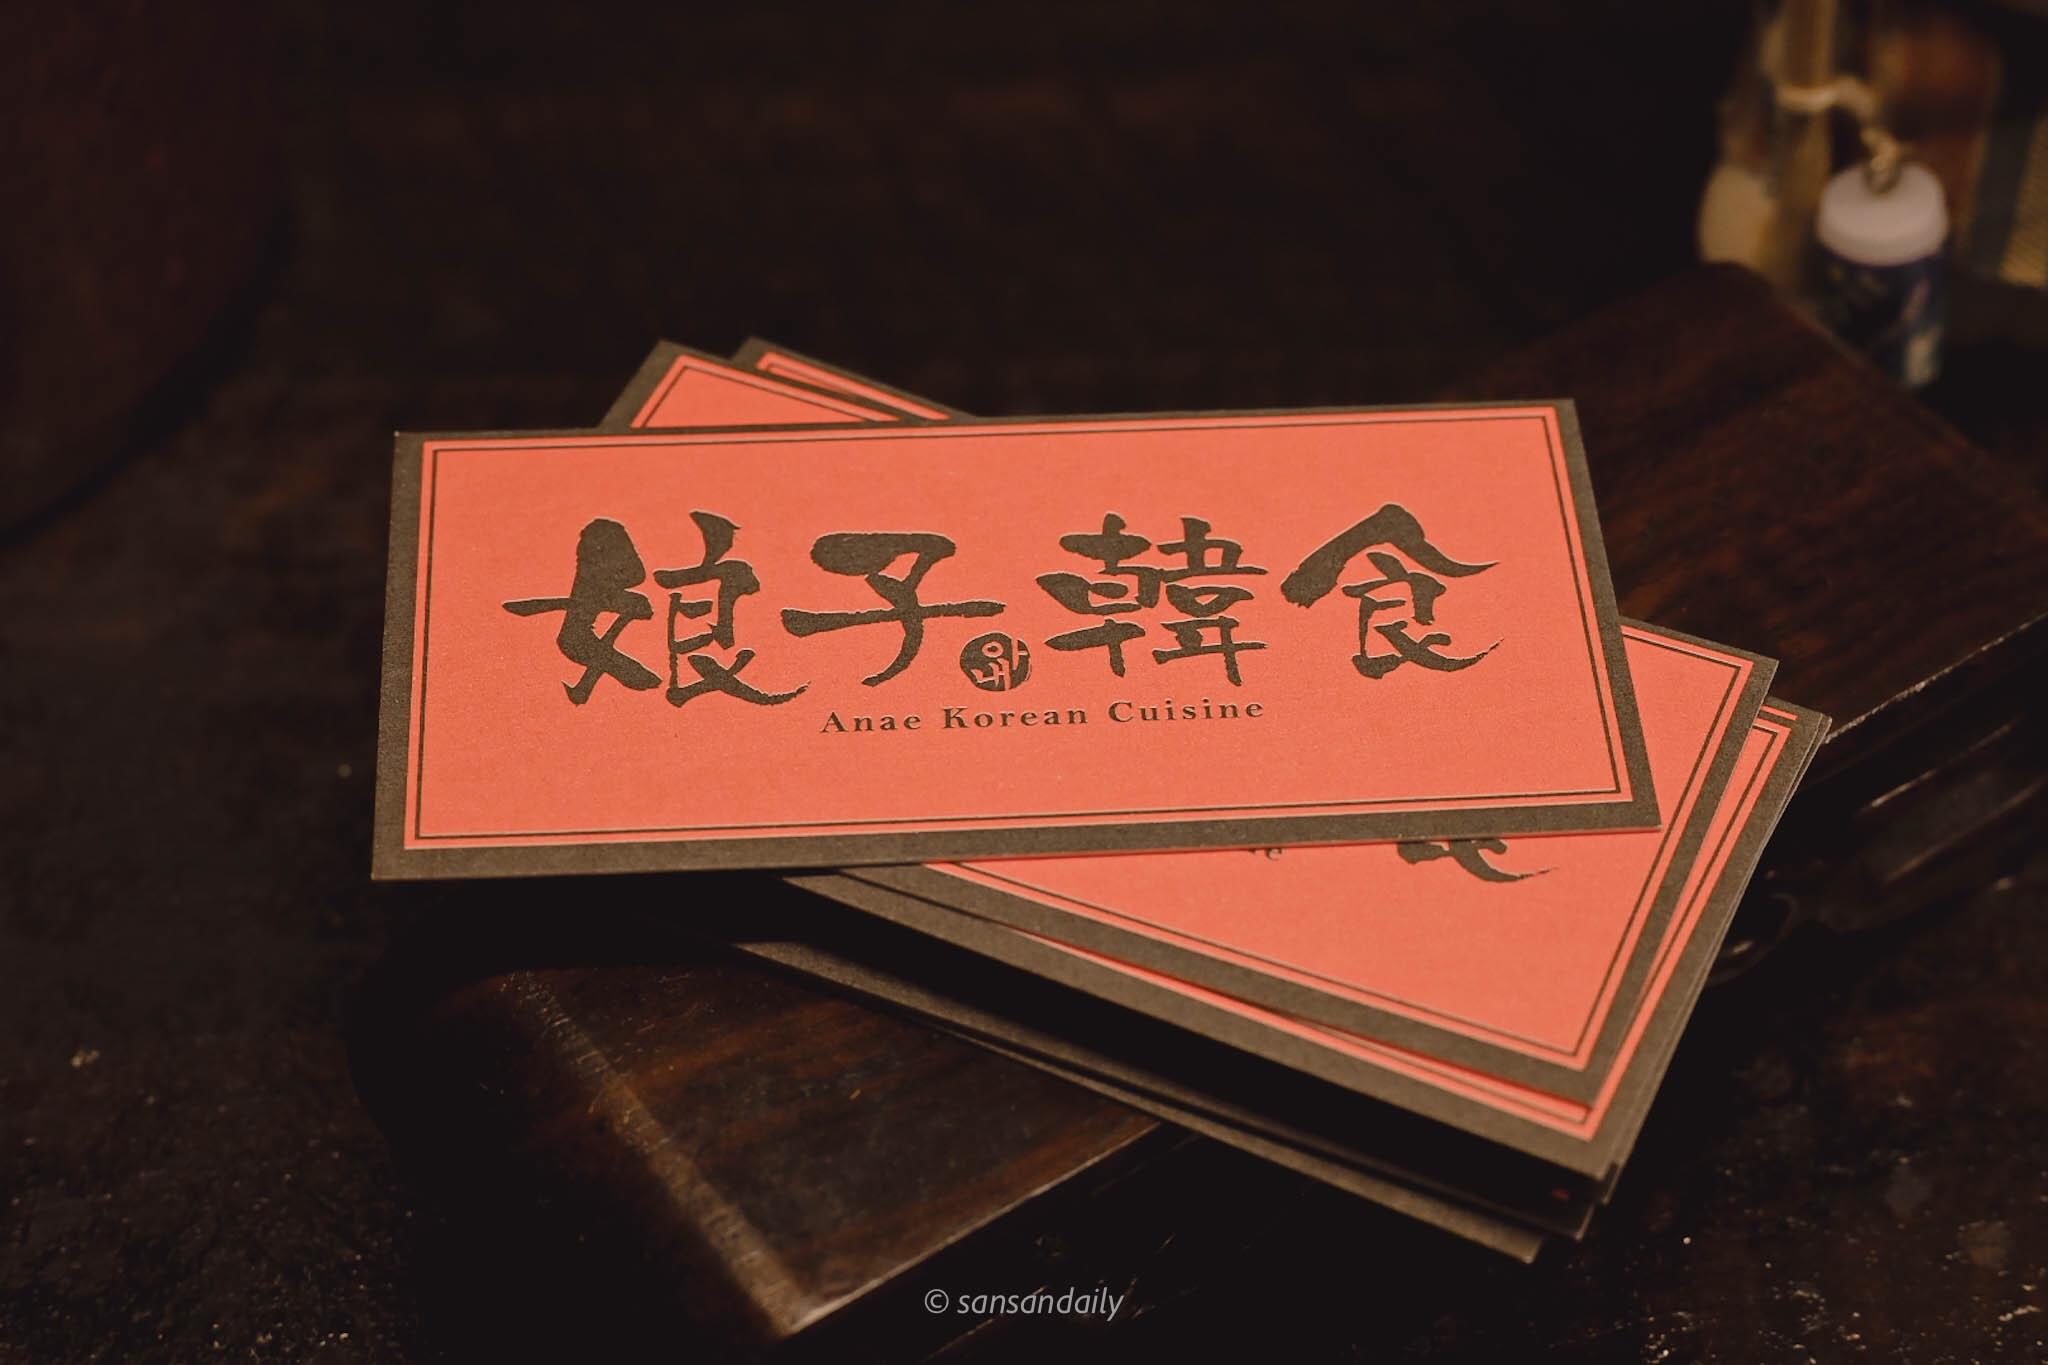 娘子韓食紅底黑字名片一疊